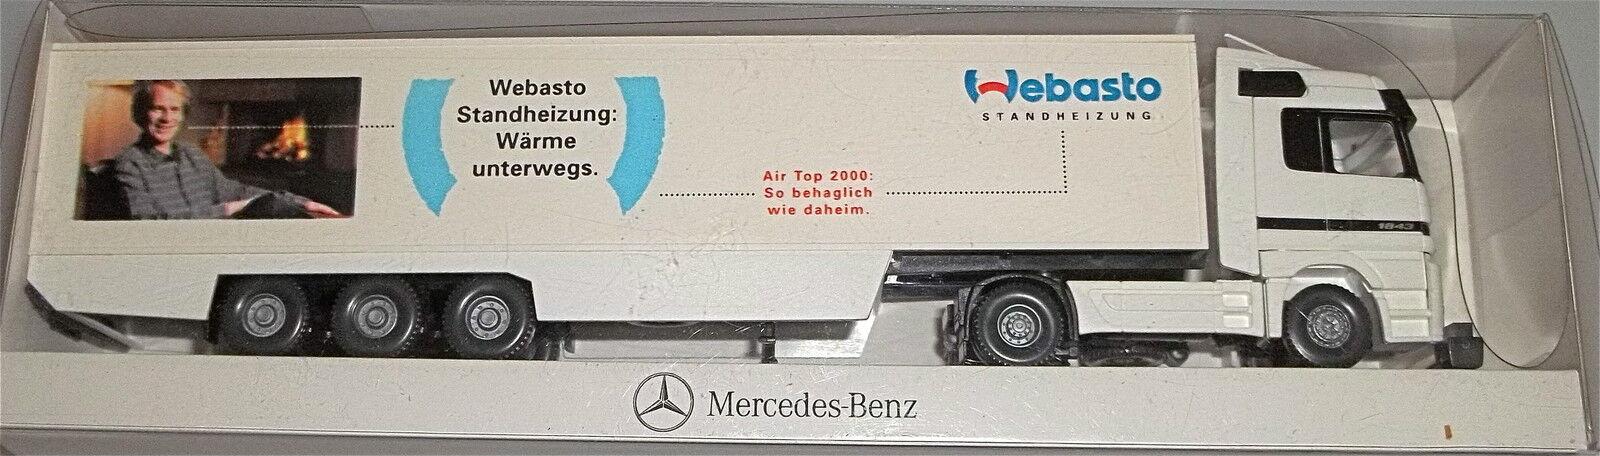 Webasto Calefacción Auxiliar Mercedes Benz Vehículo Publicitario a Escala Wiking